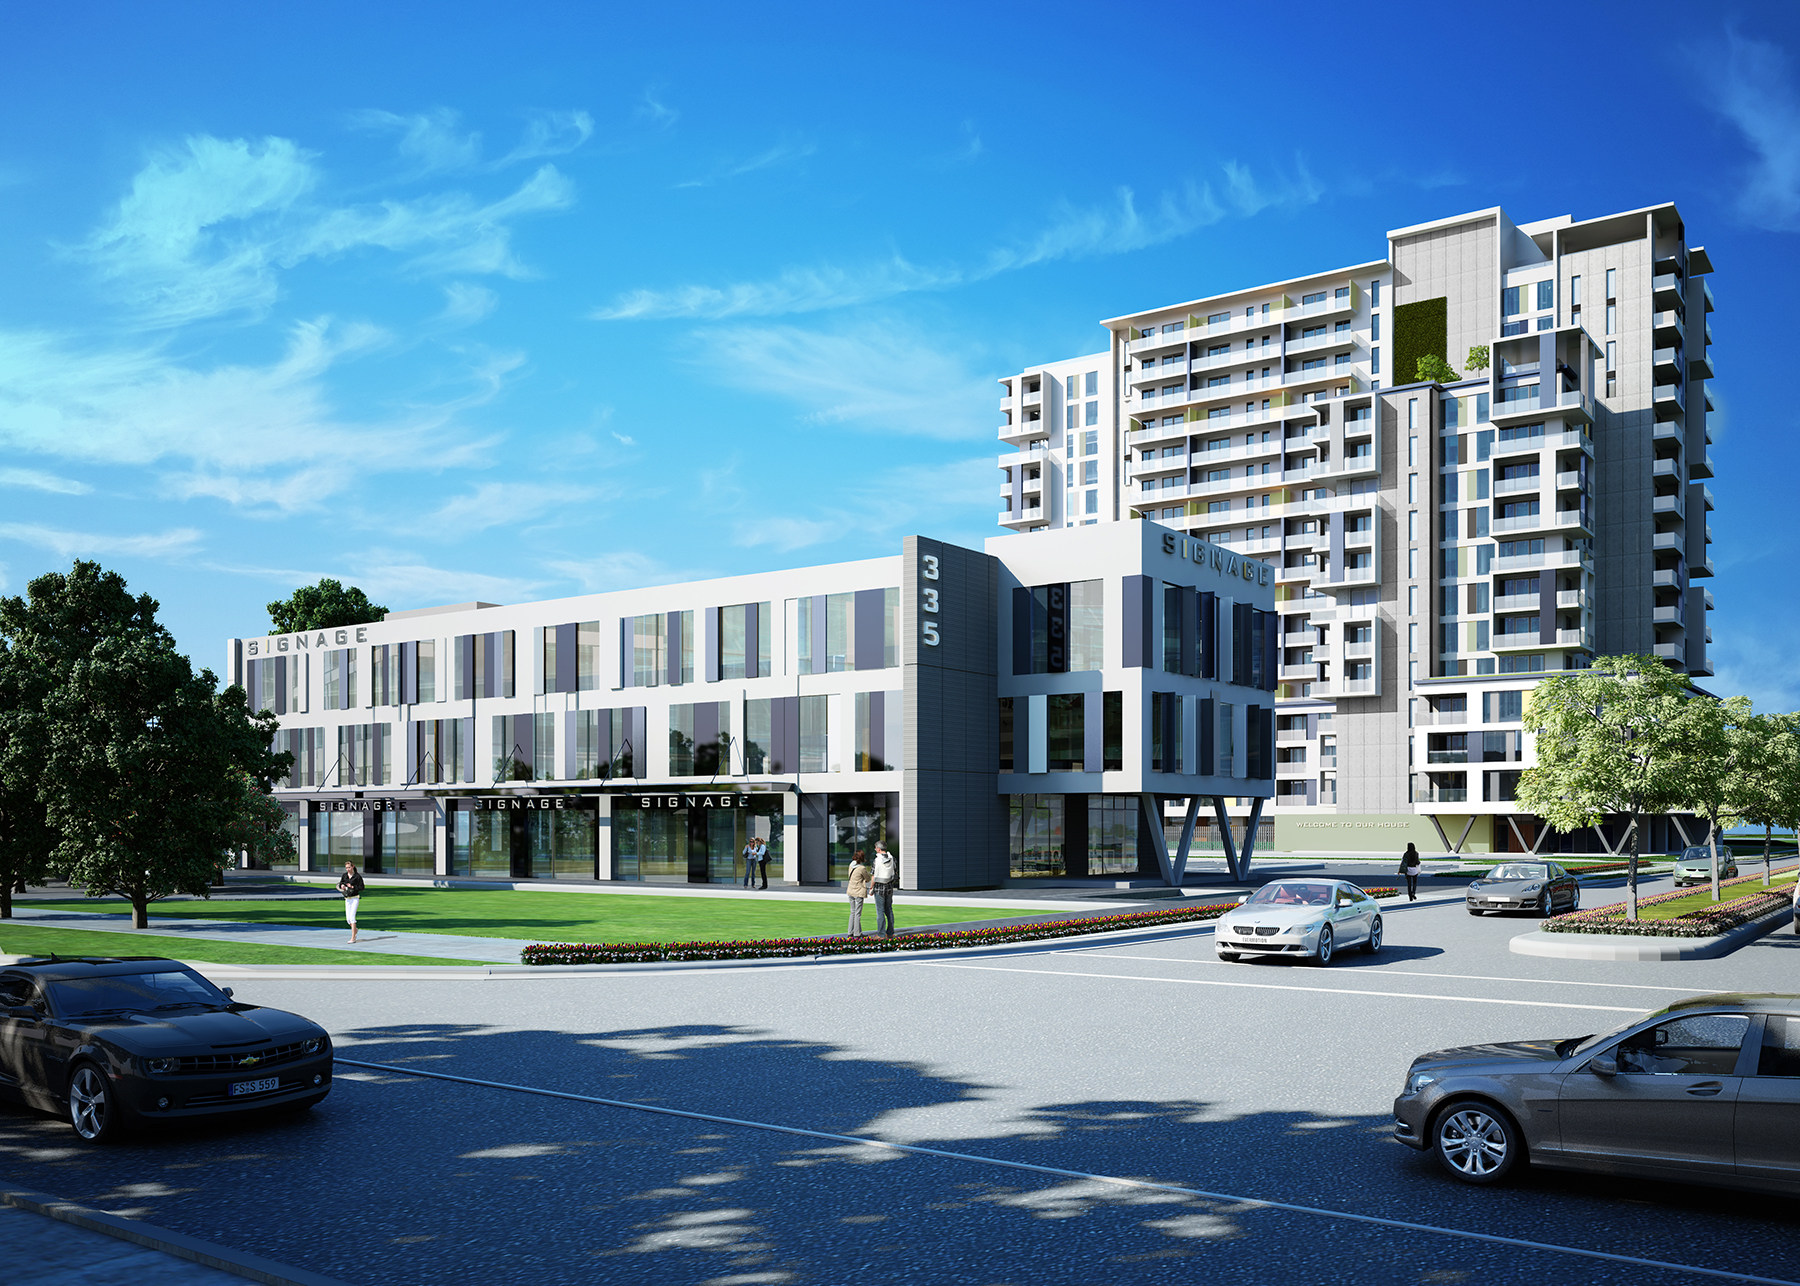 3080 Bostwick Office Building